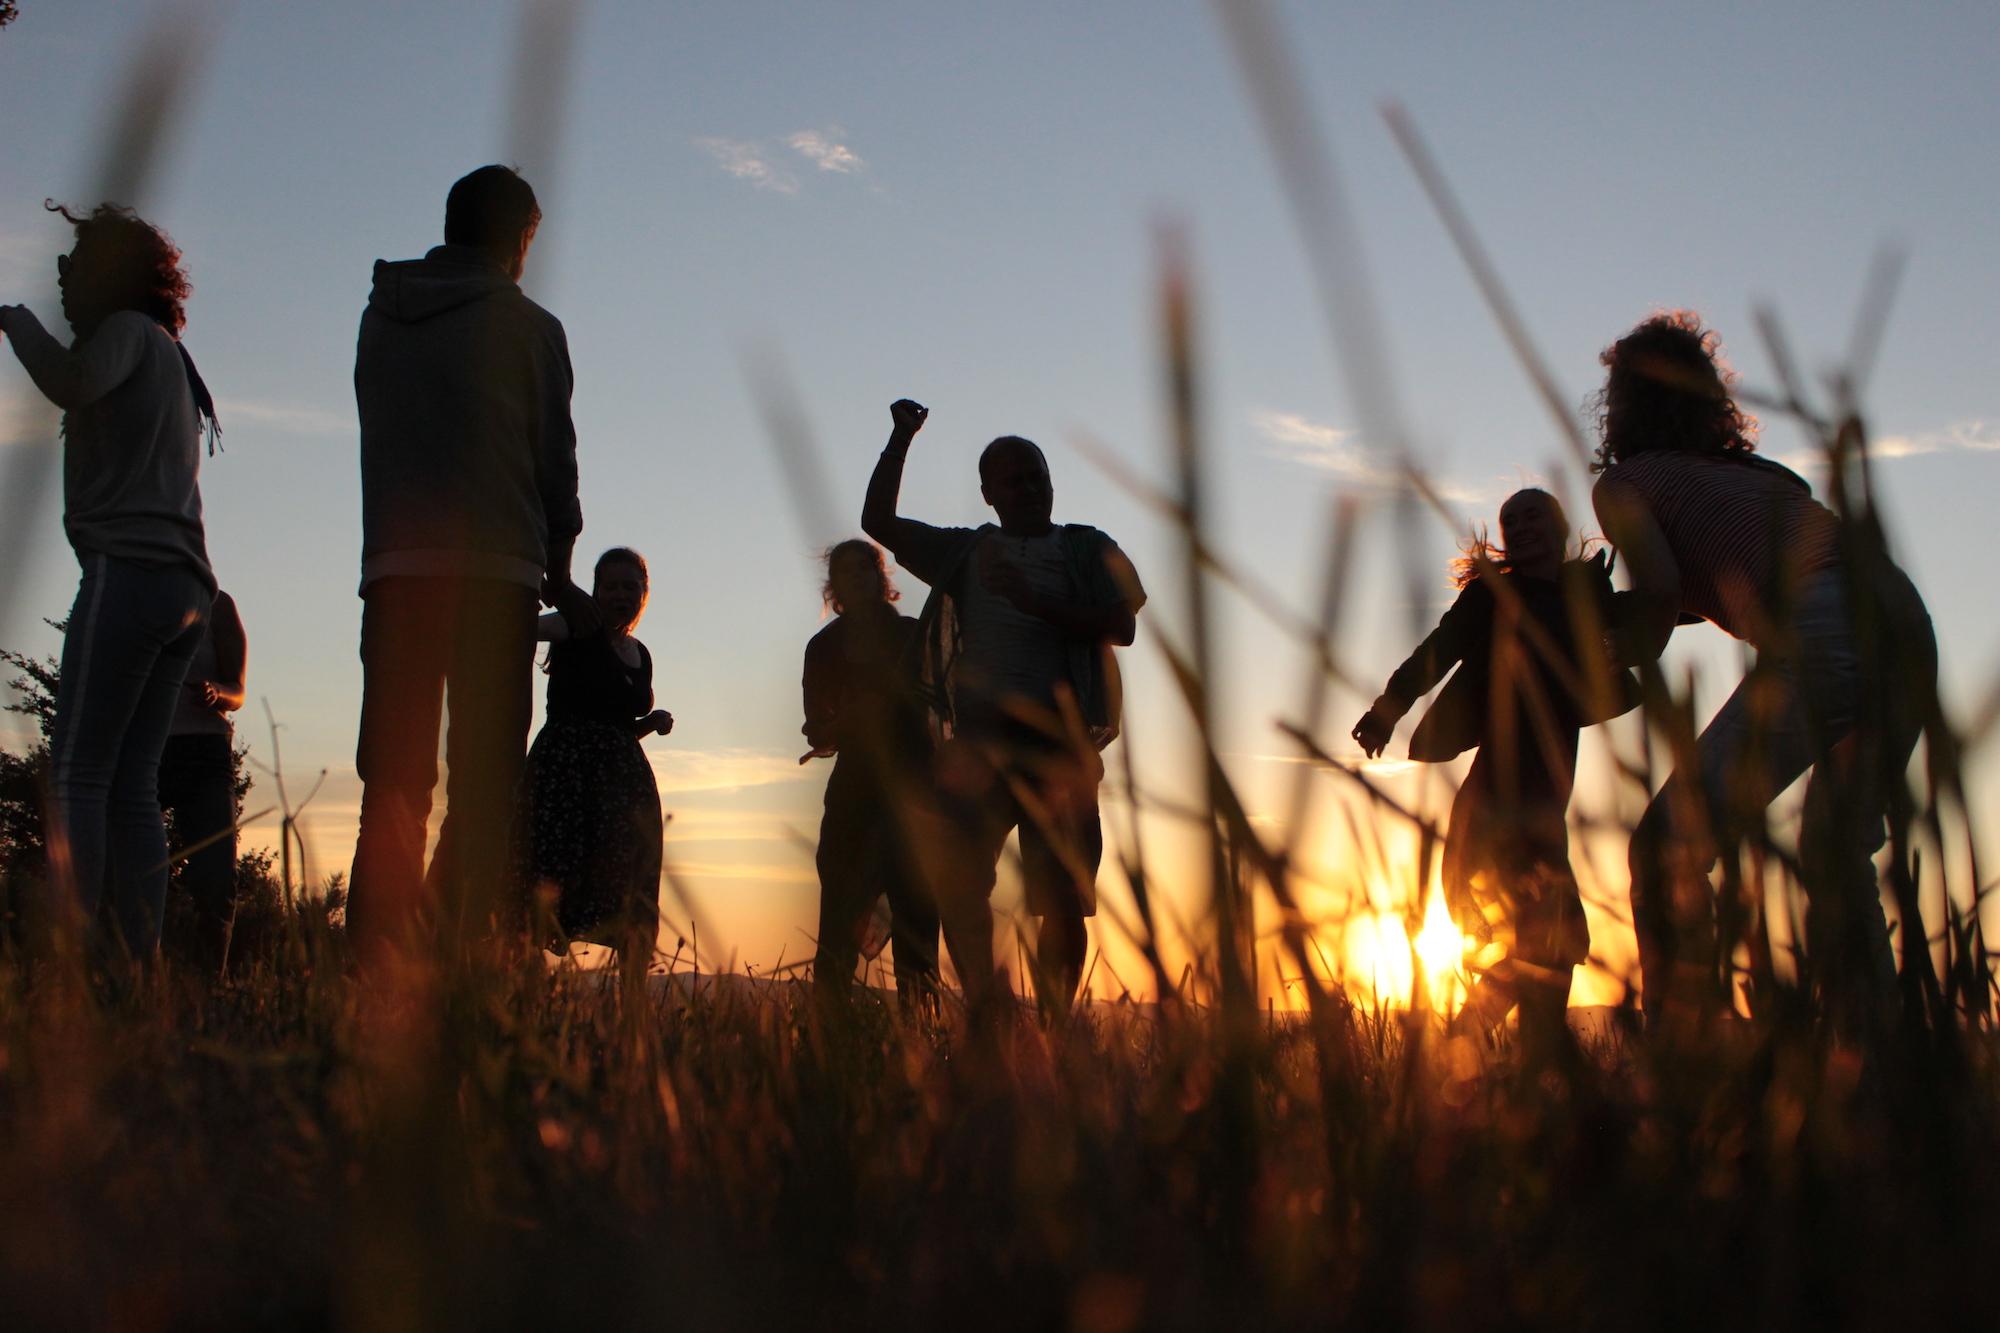 shyonnus_hilltop dancing dusk sml.jpg